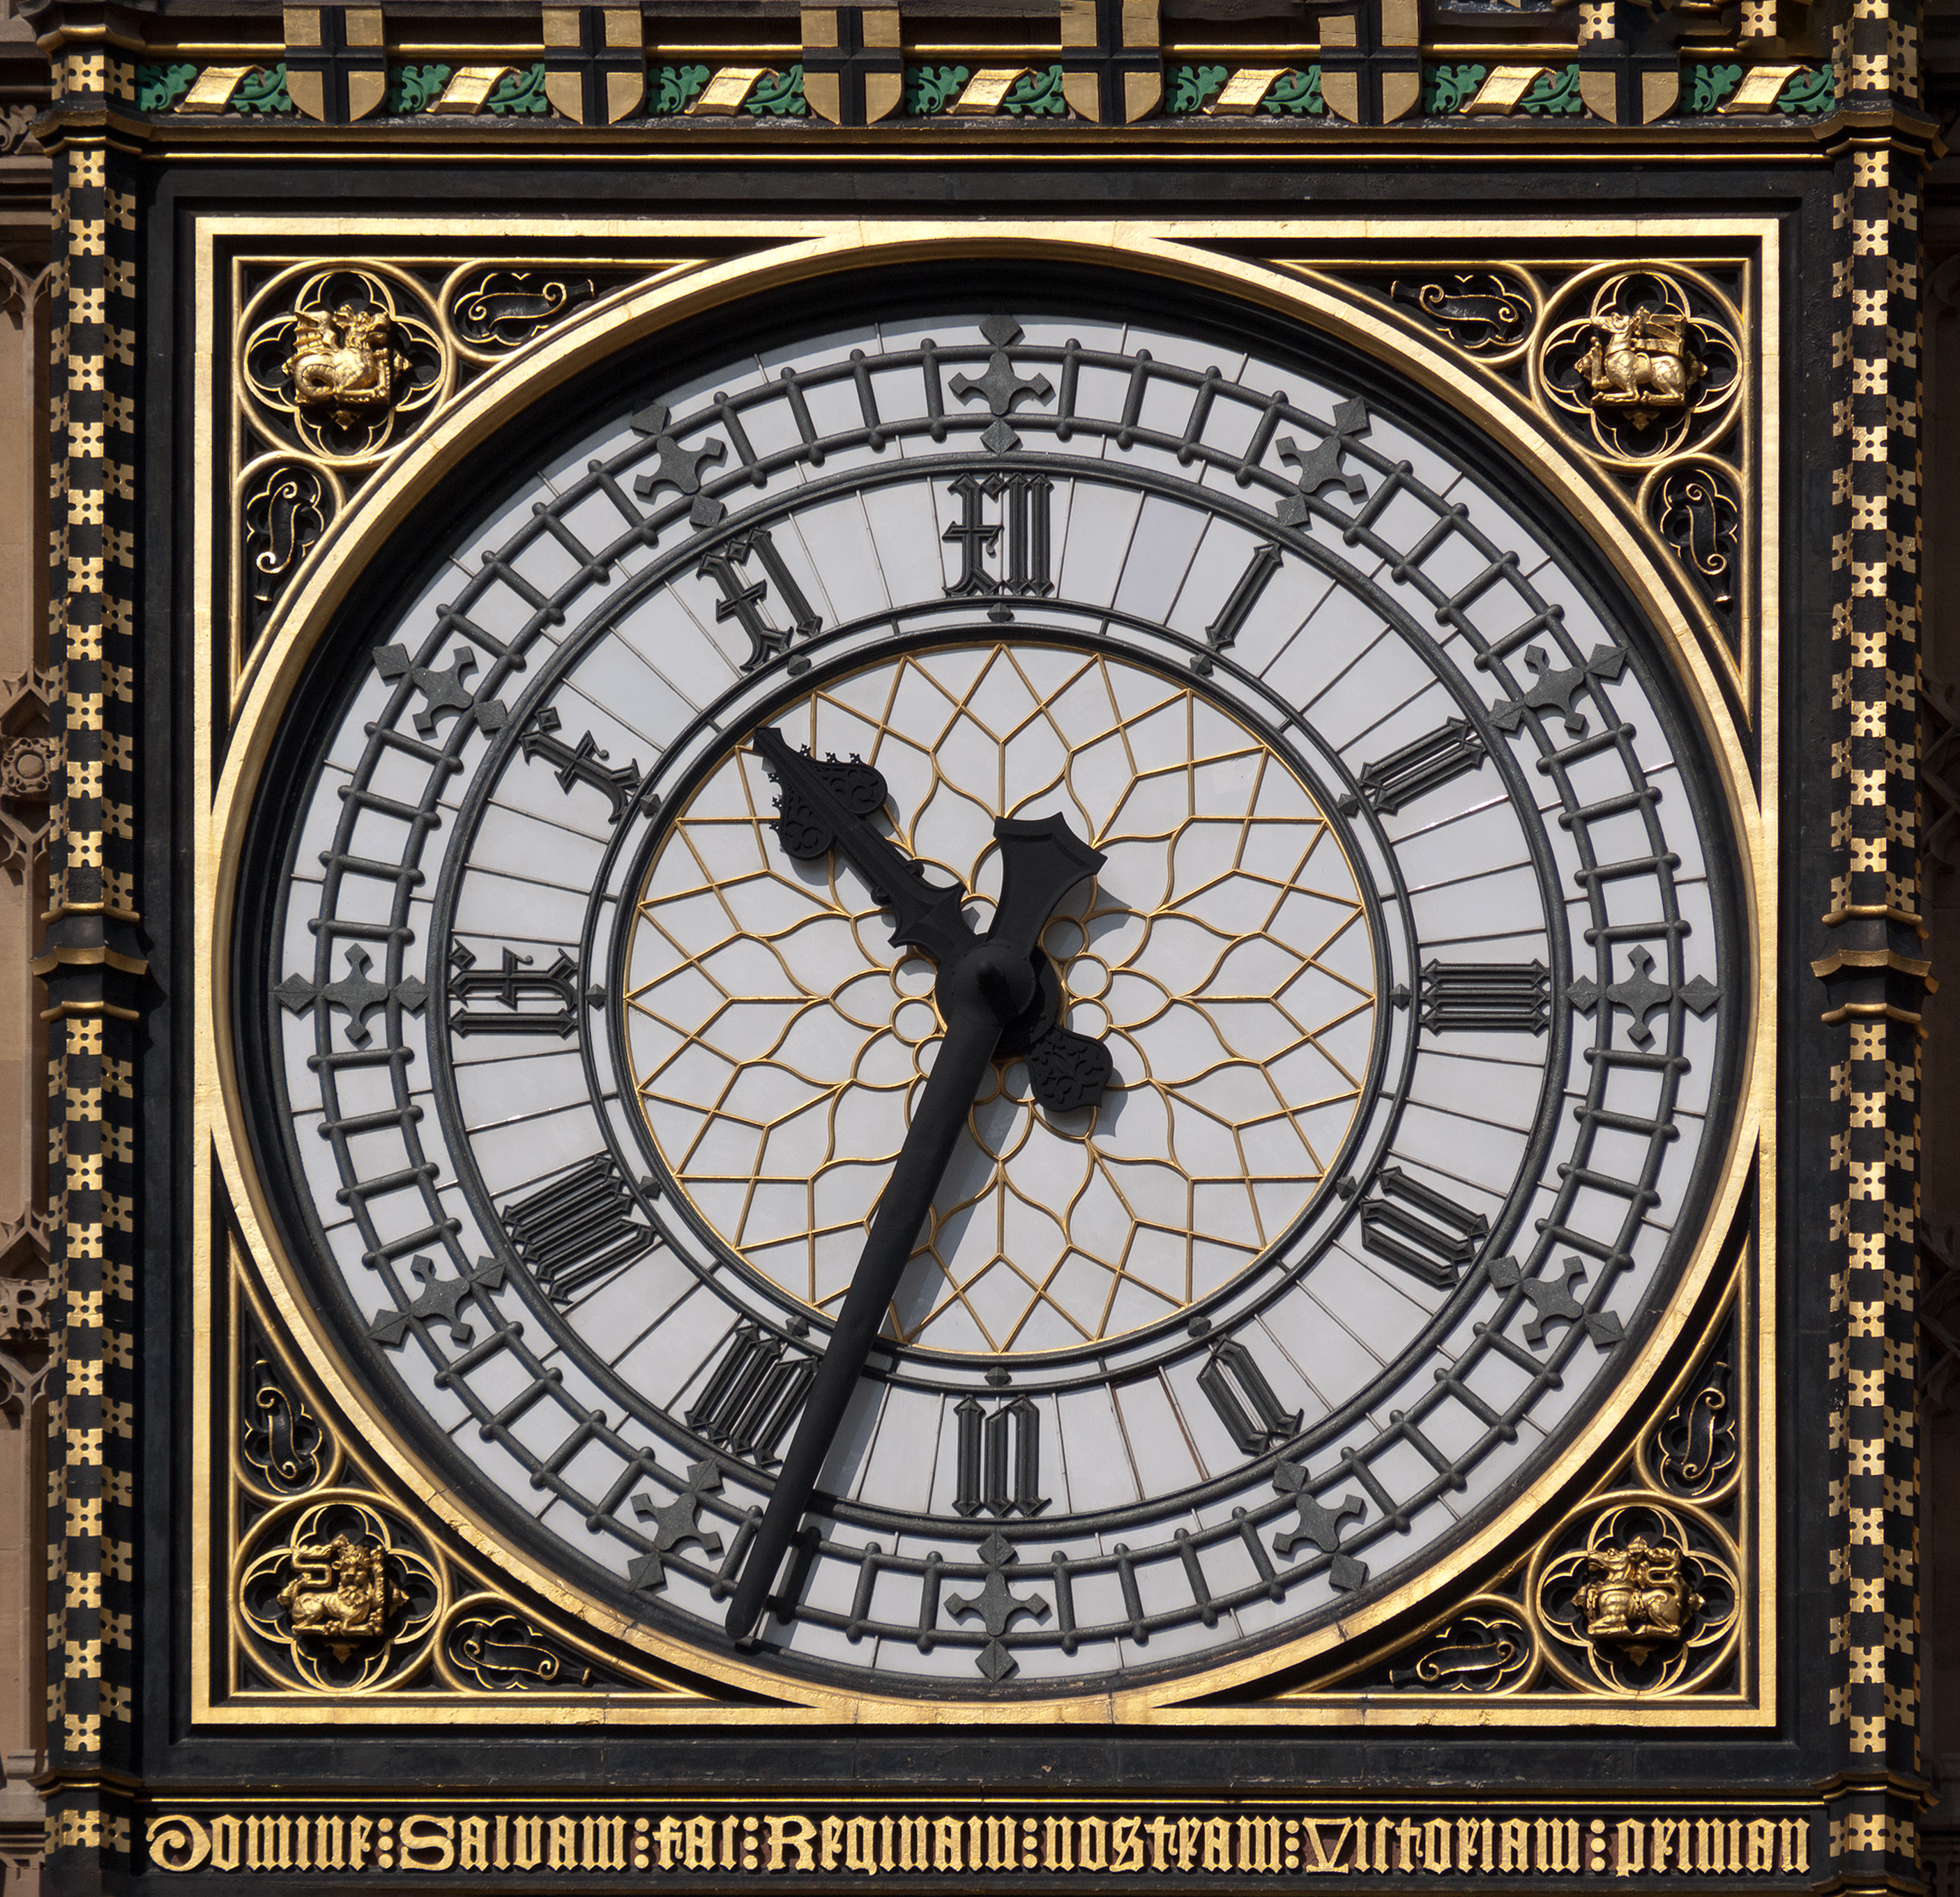 FileLondon Big Ben Inner Clock Face 1070925 PSD